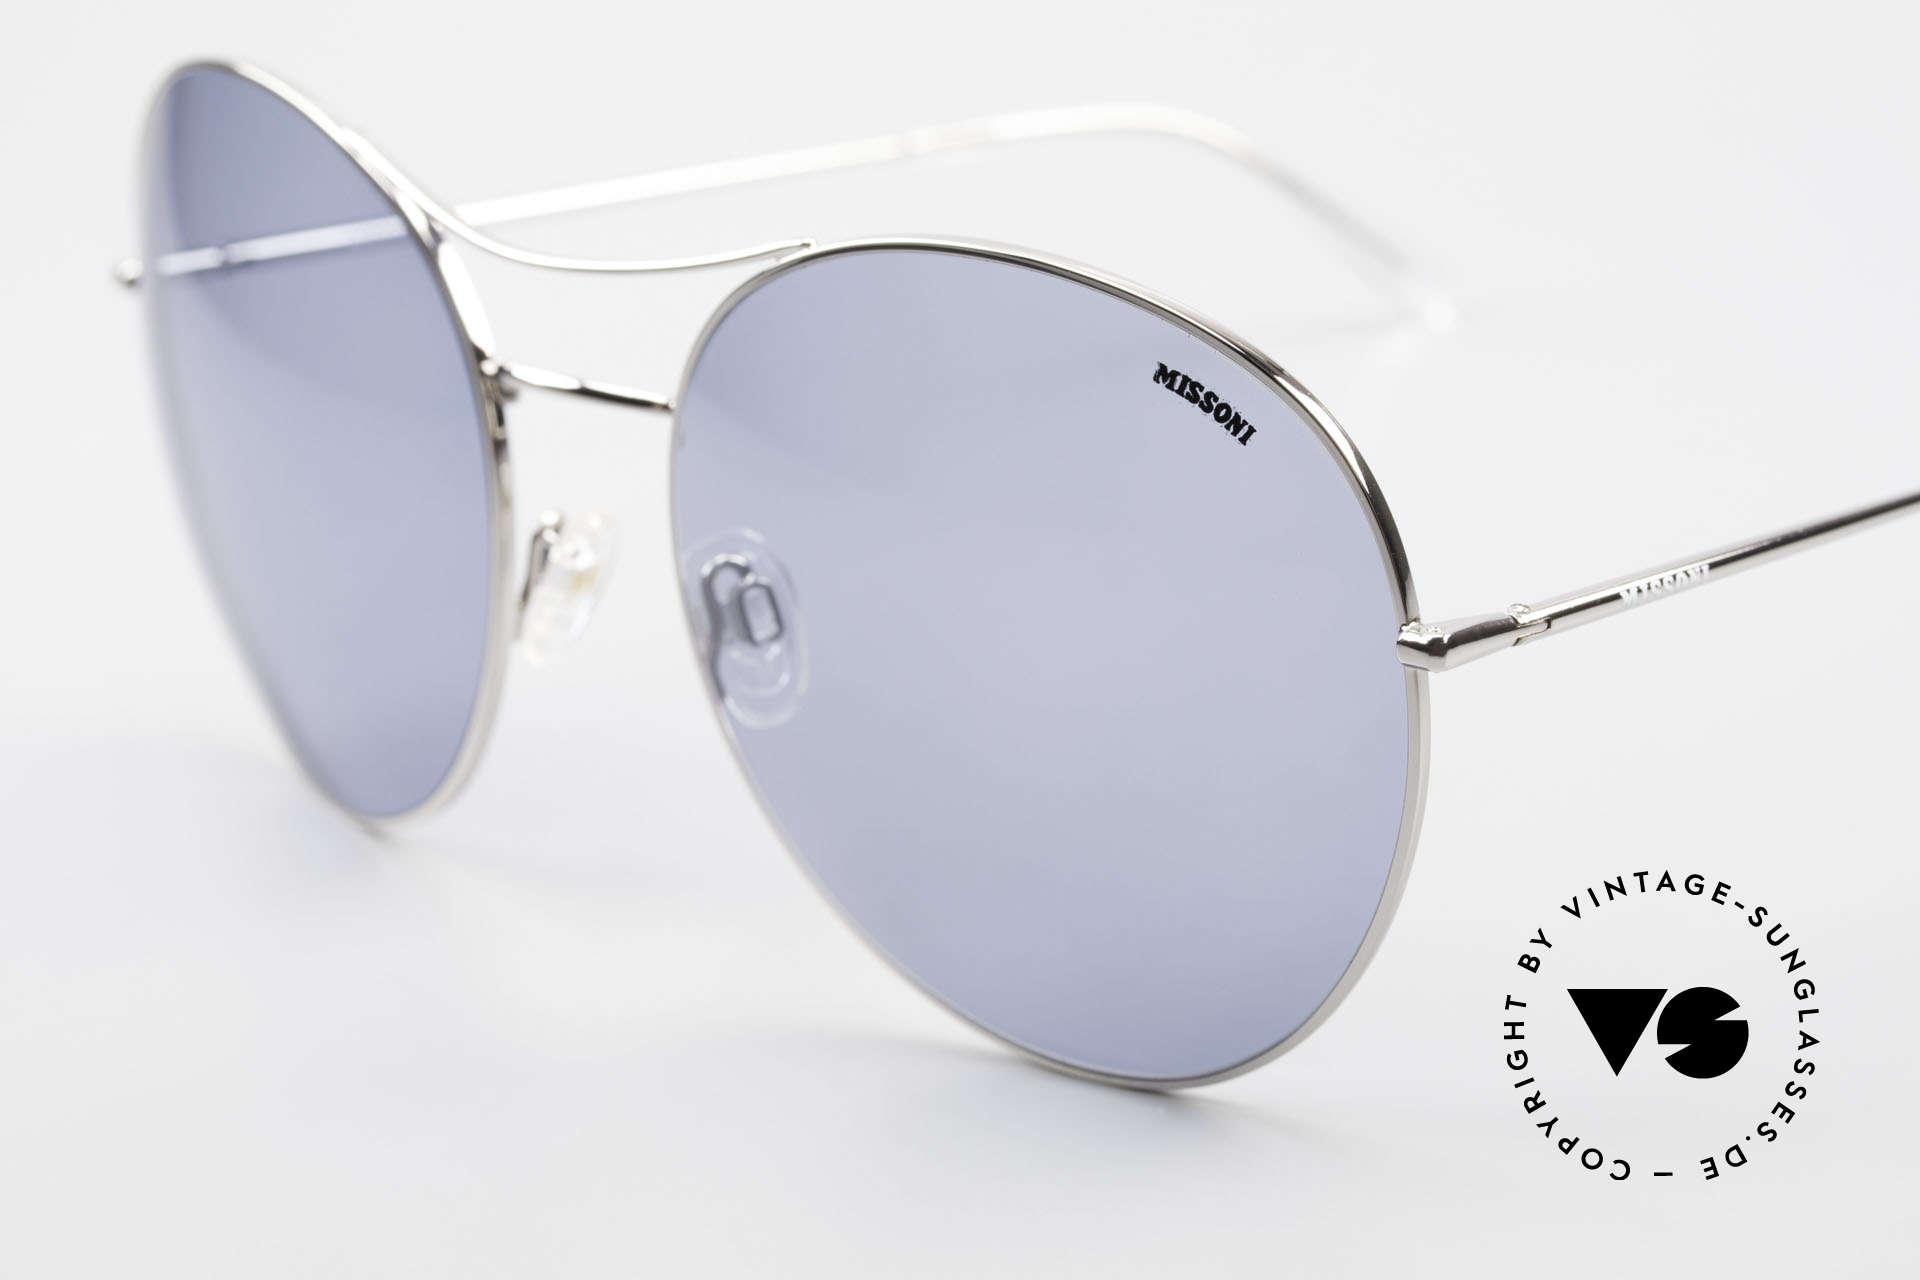 Missoni 0440 90er XXL Aviator Sonnenbrille, hellblaue Sonnengläser (100% UV) mit Missoni Logo, Passend für Herren und Damen